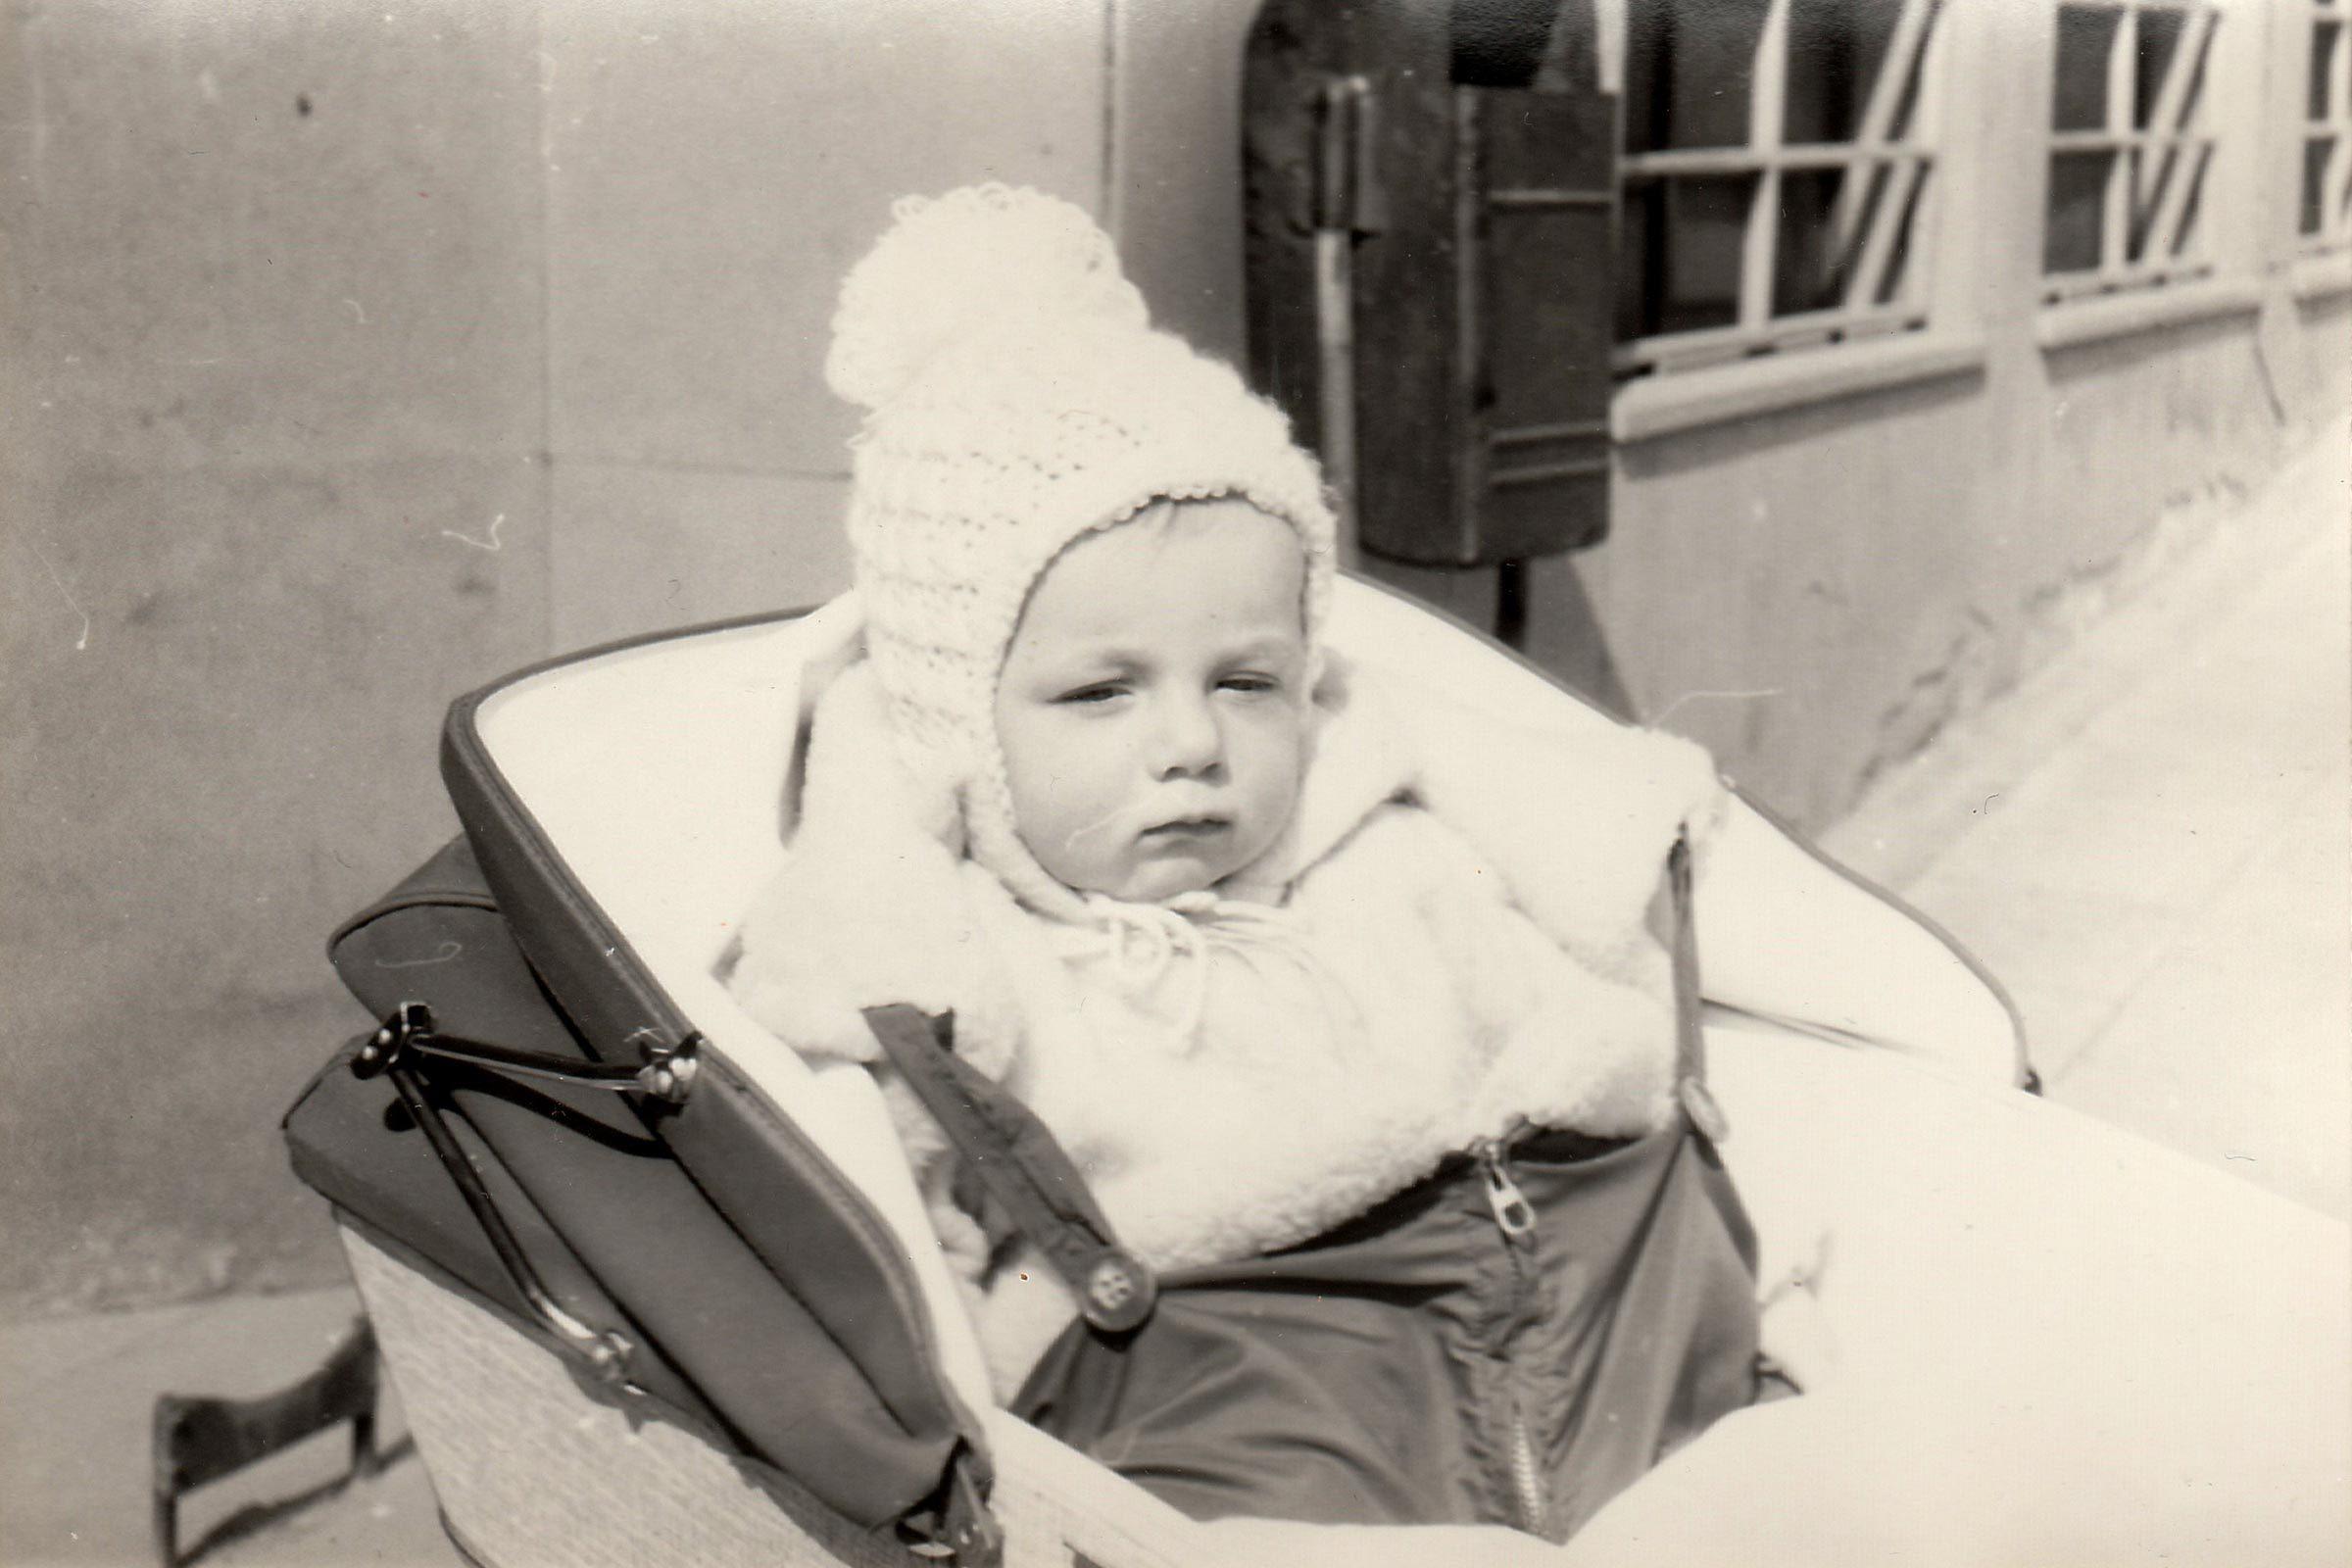 baby 1970s